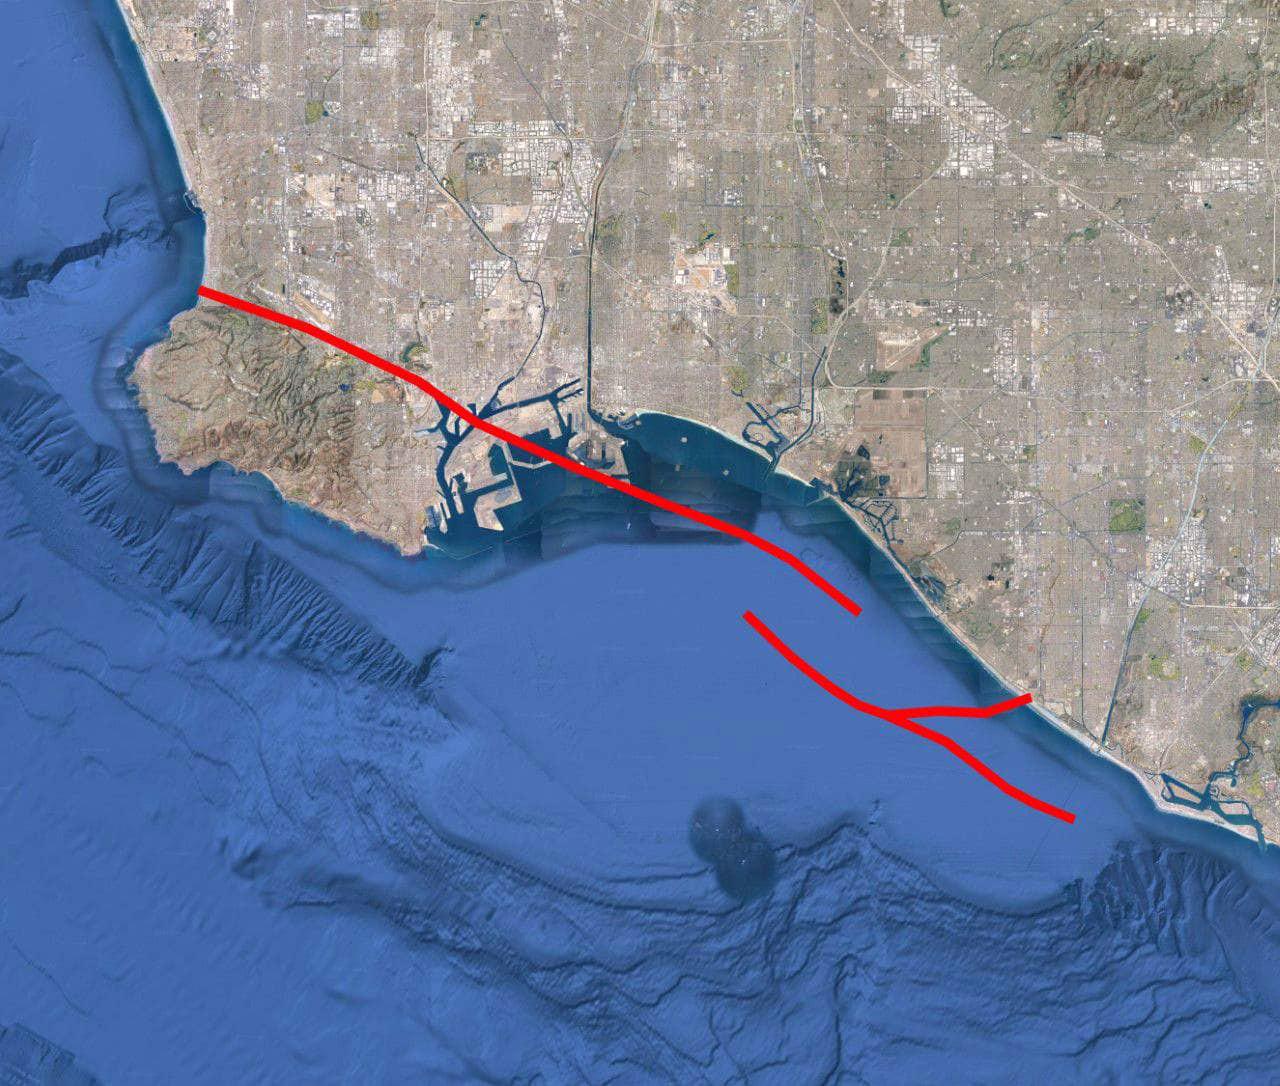 Una falla geológica que se creía dormida podría causar un terremoto de magnitud 6,4 en Los Ángeles